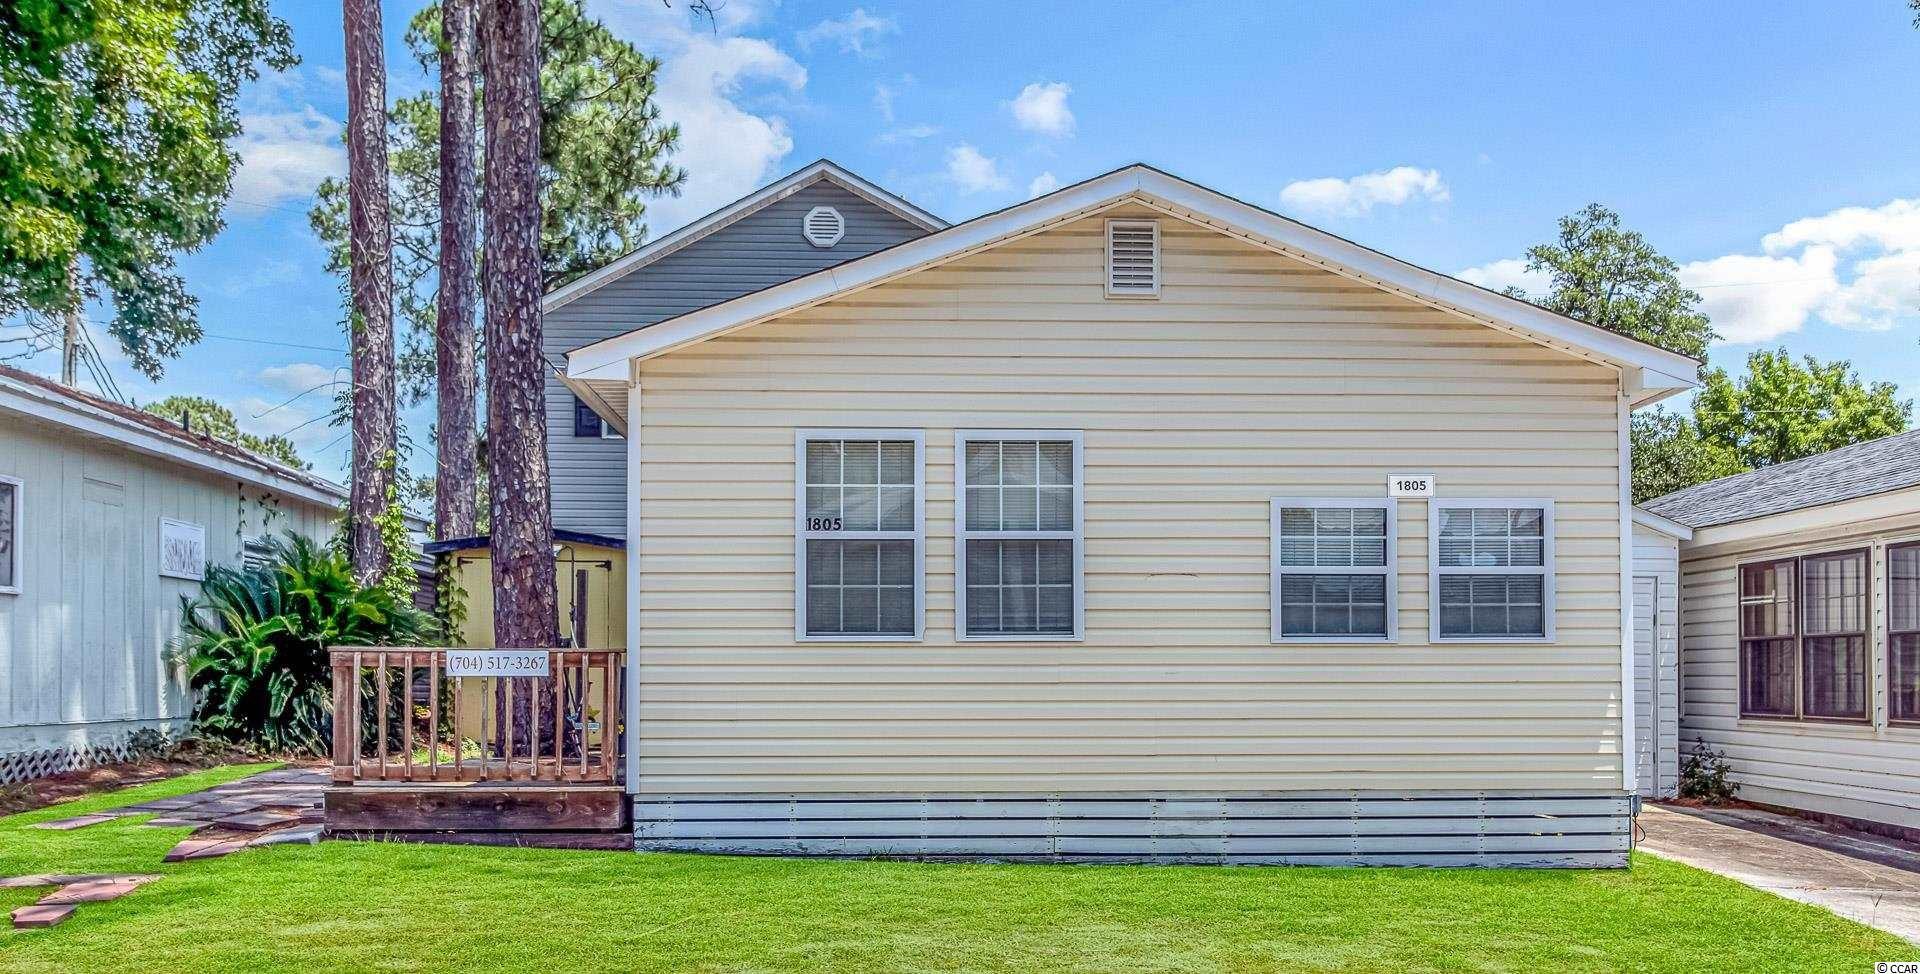 6001-1805 S Kings Hwy., Myrtle Beach, SC 29575 - MLS#: 2114961